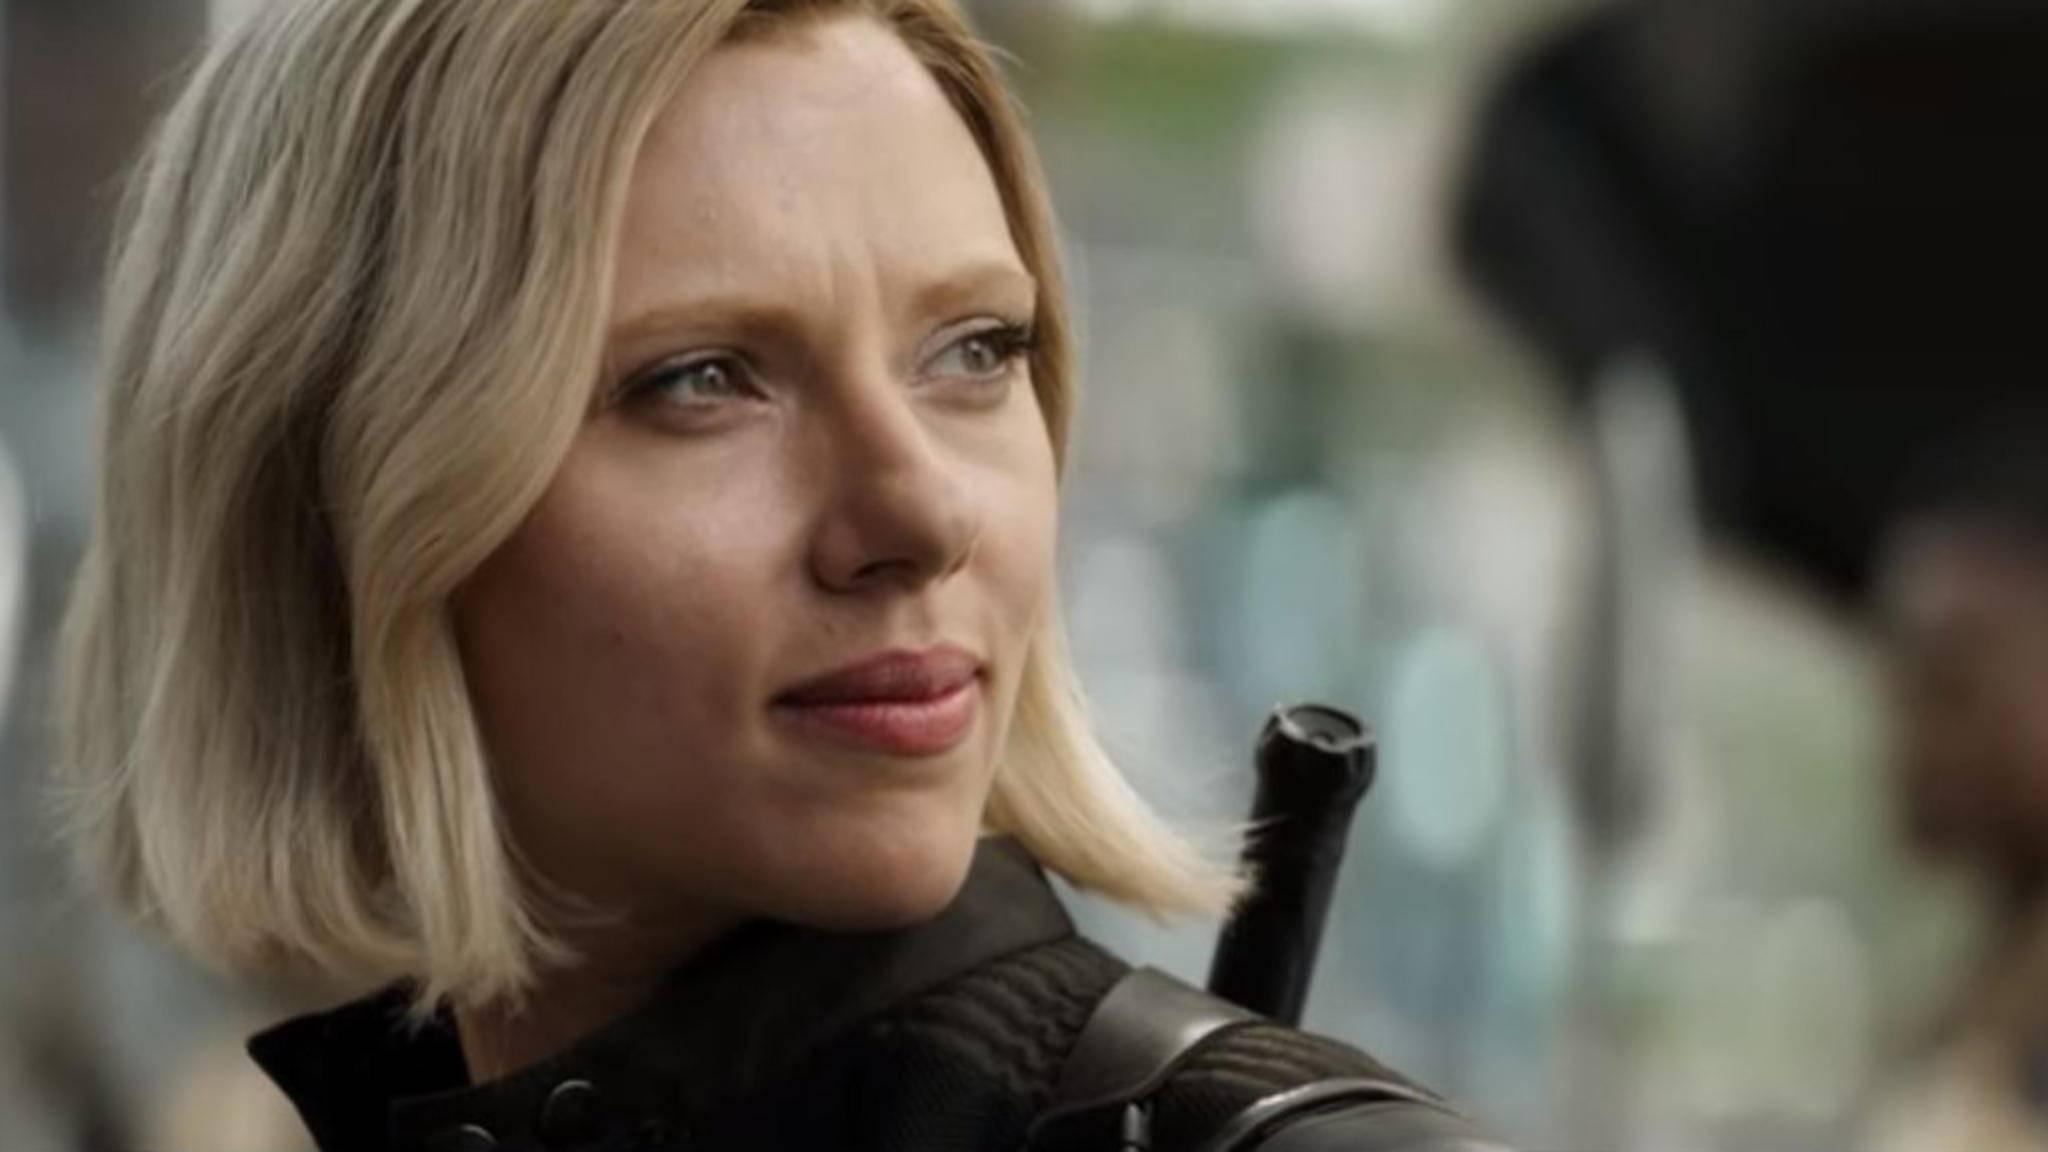 Sicher scheint schon mal: Black Widow bekommt weibliche Rückendeckung.